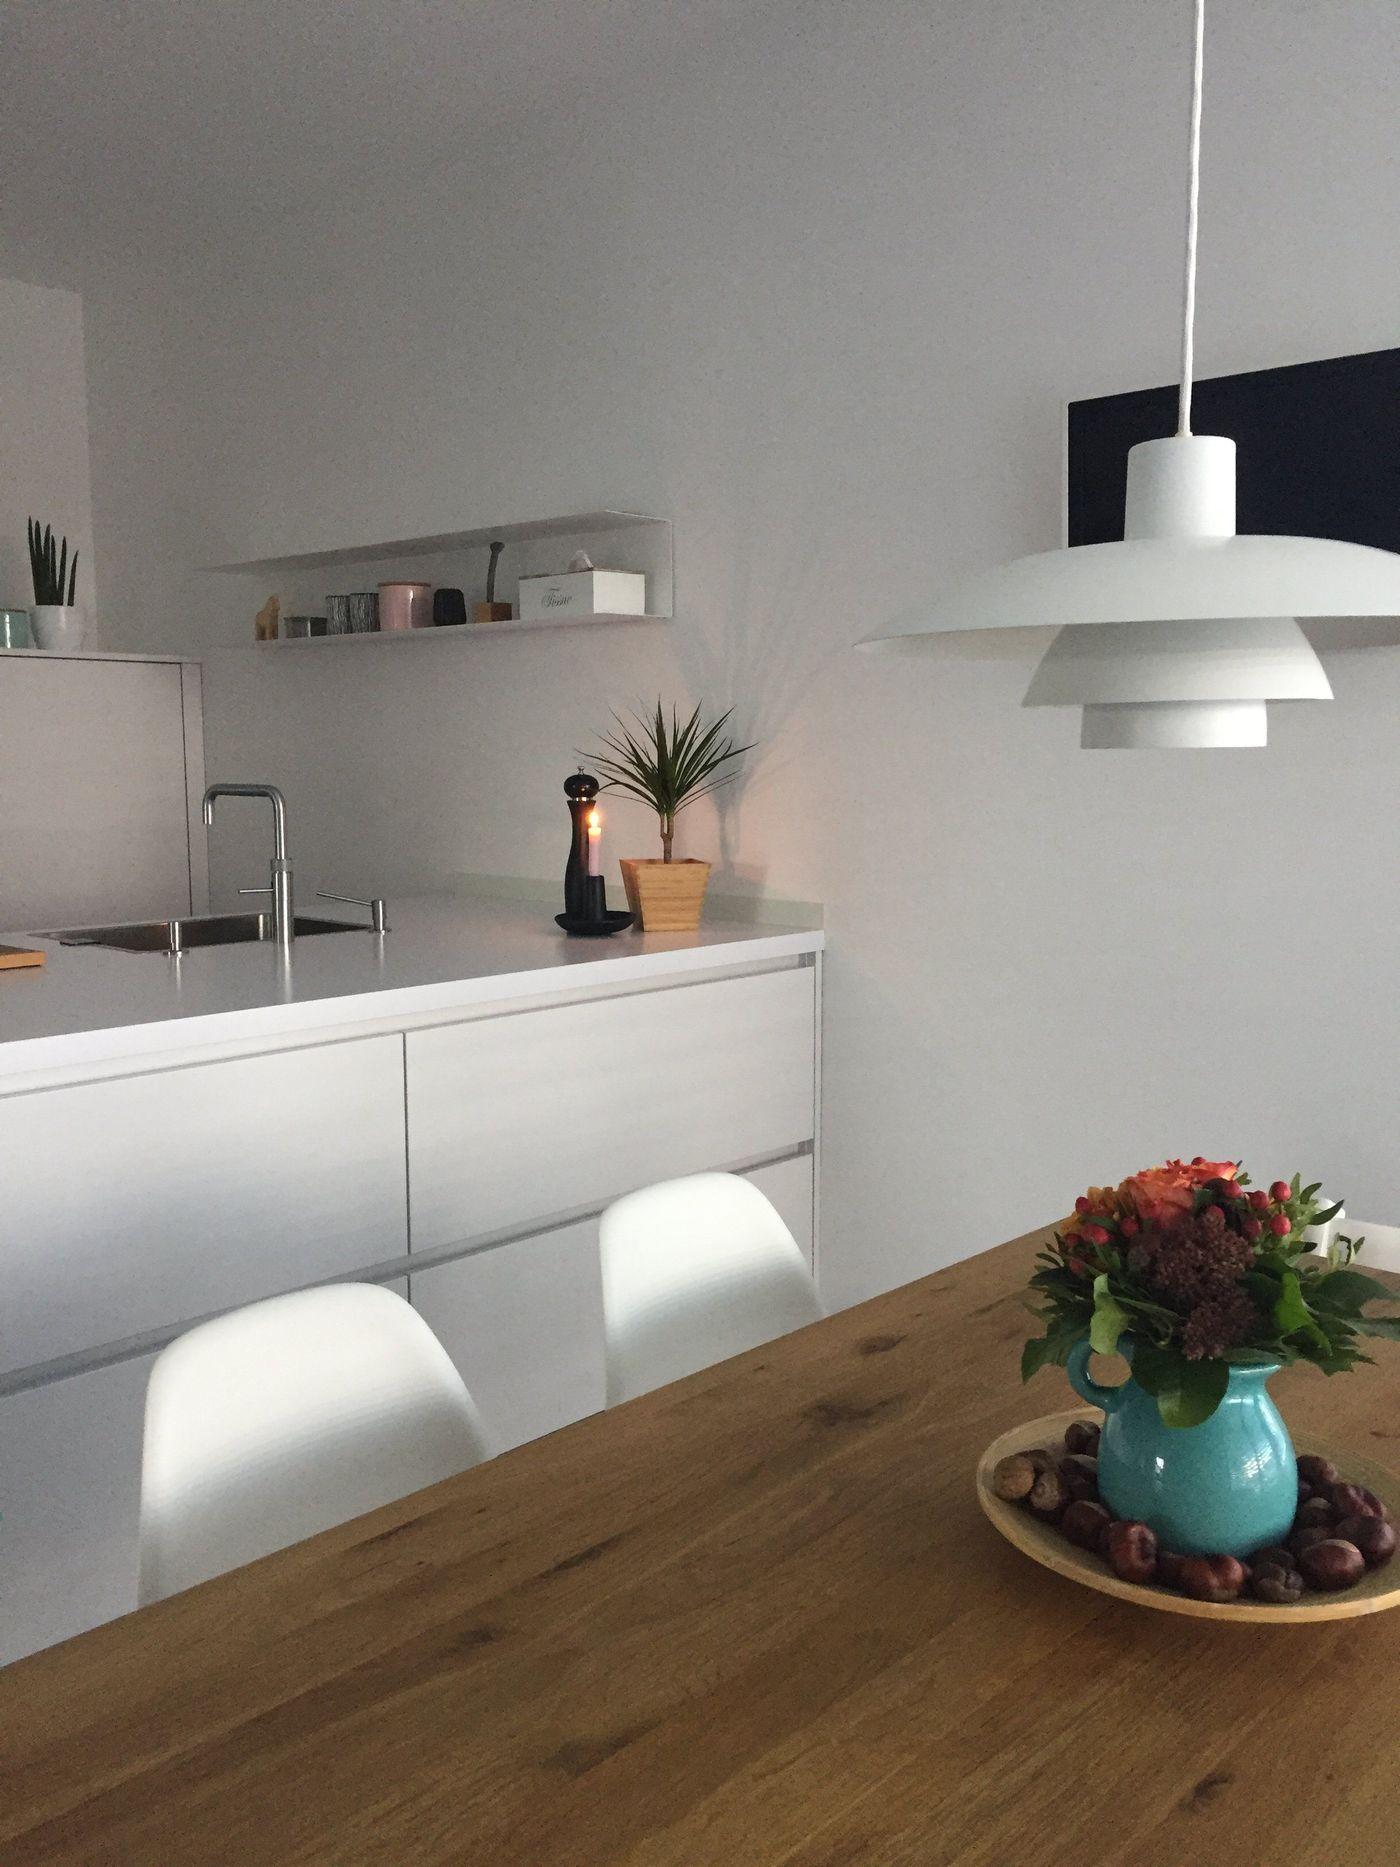 Full Size of Wandregale Ikea Ideen Und Inspirationen Fr Regale Sofa Mit Schlaffunktion Betten 160x200 Modulküche Bei Küche Kosten Kaufen Miniküche Wohnzimmer Wandregale Ikea